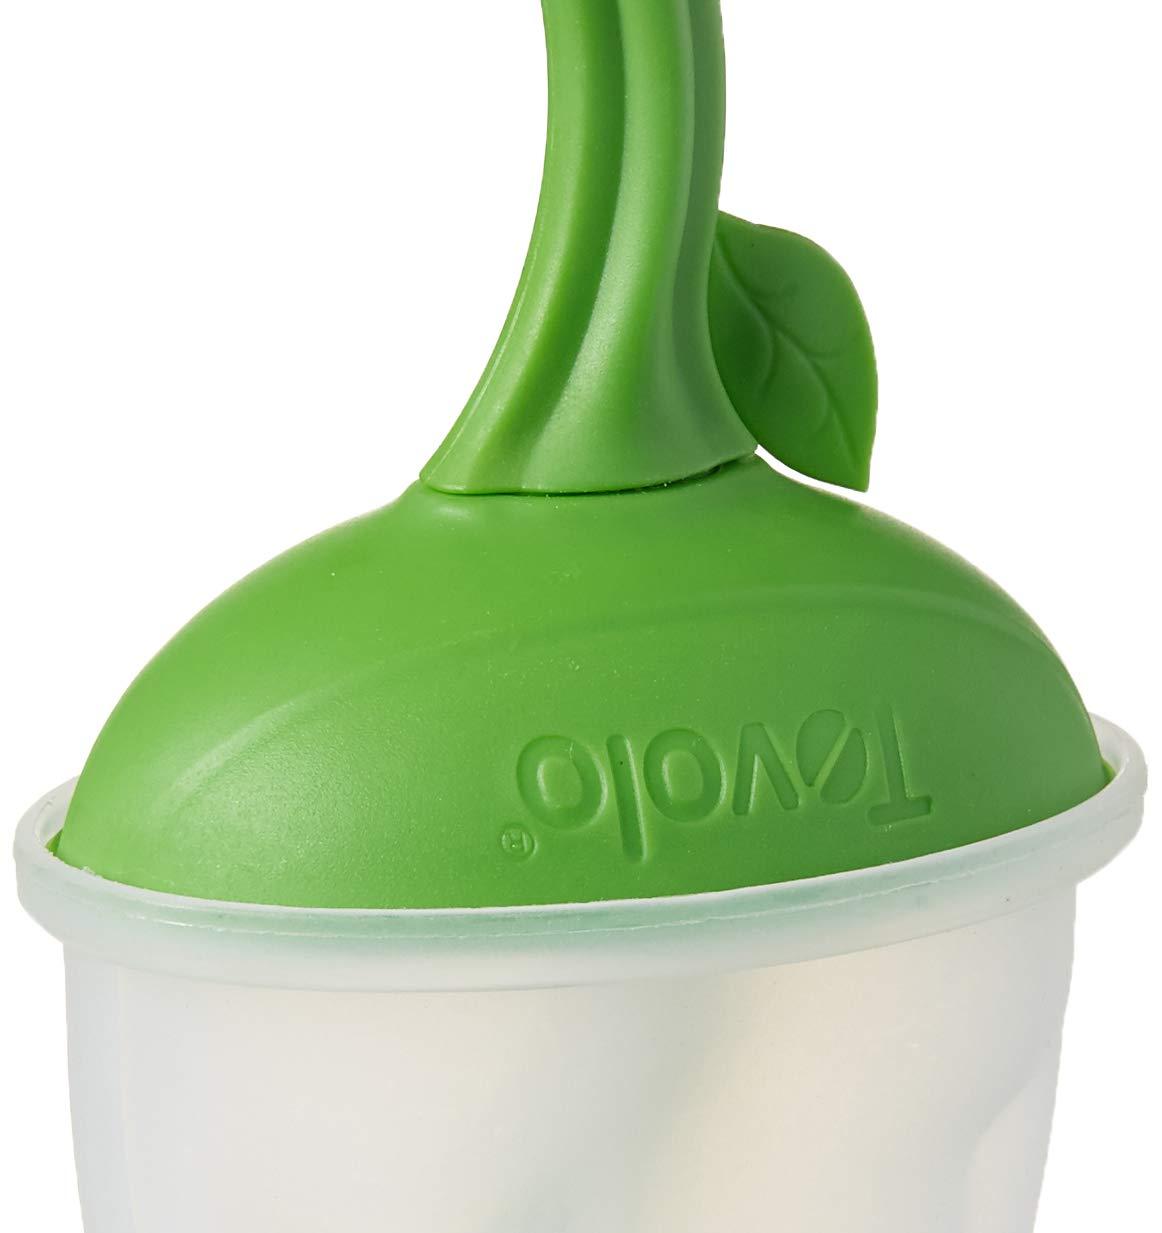 Amazon.com: Tovolo 61-34198 - Molde para hielo, color verde ...